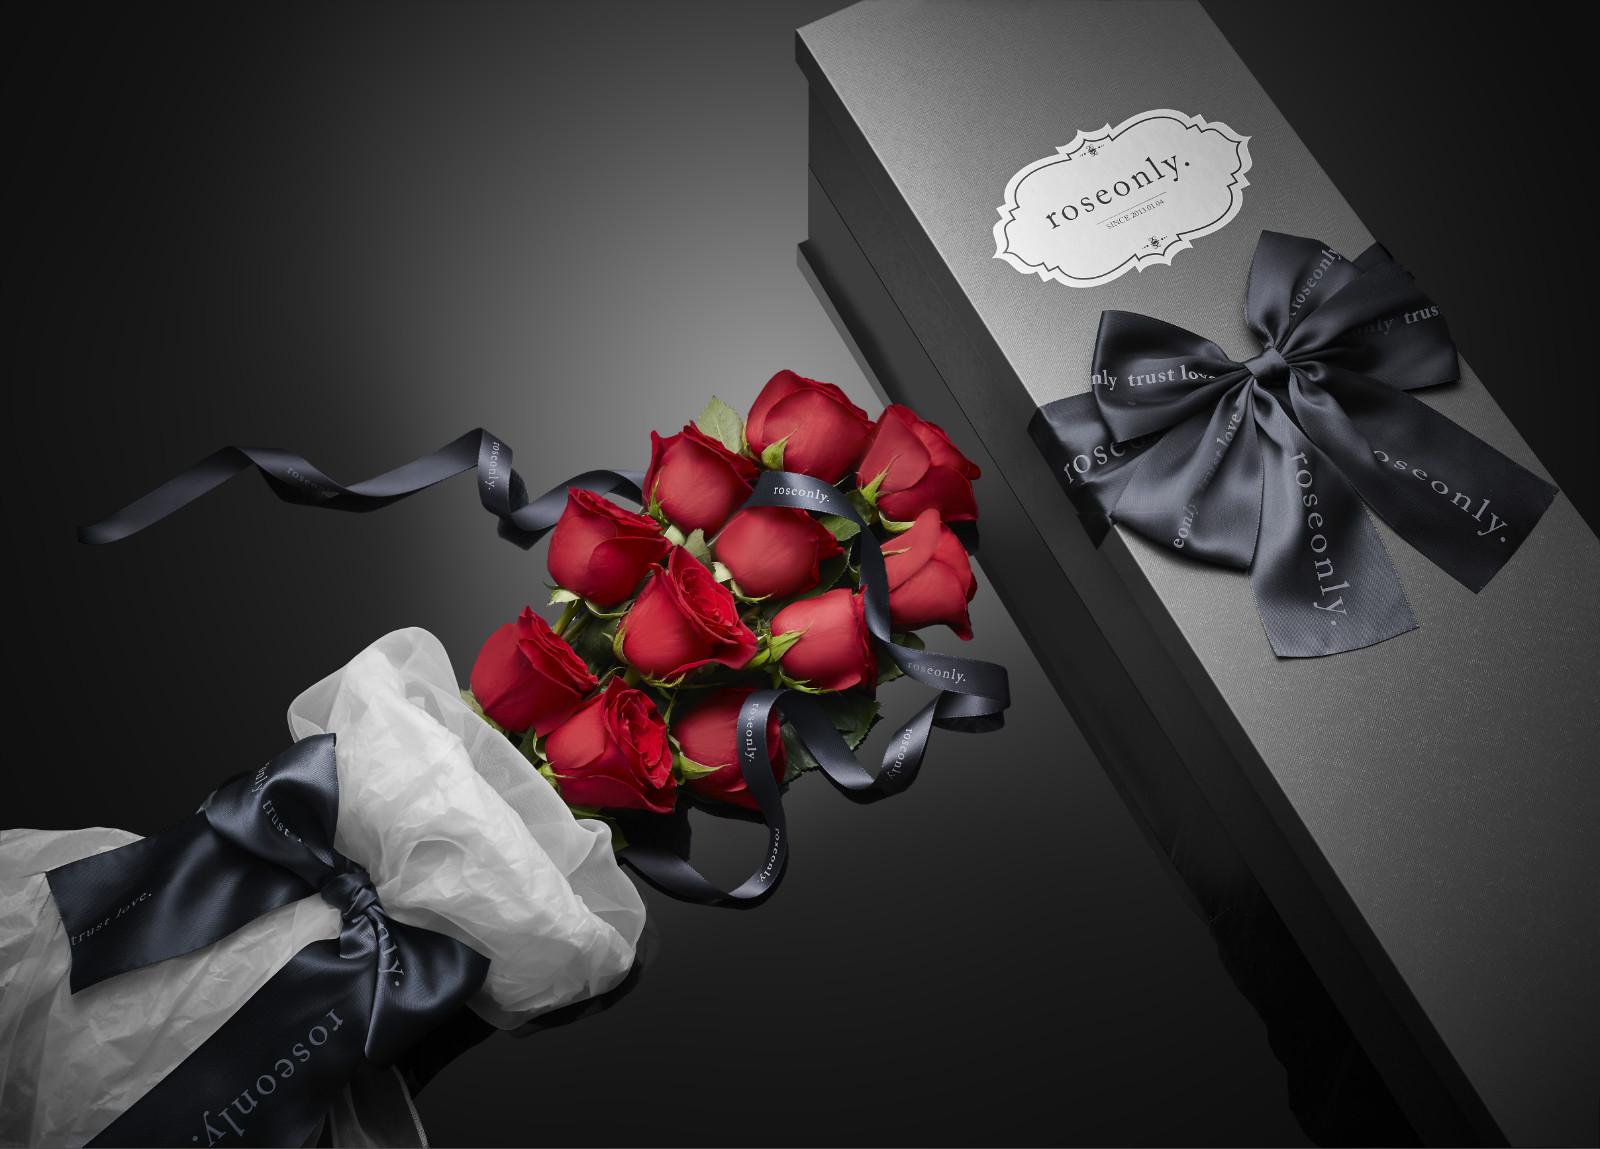 信者得爱 爱是唯一roseonly品牌五周年纪念日,回顾发展历程